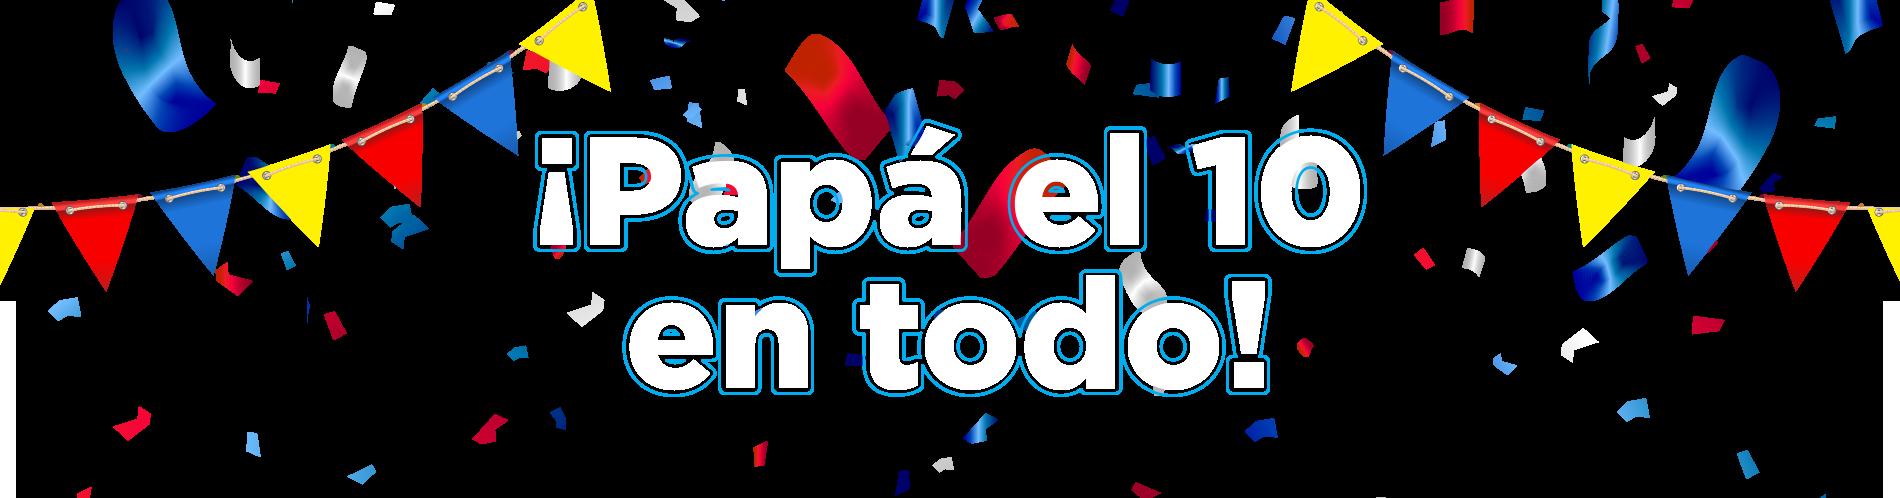 Viva está en la jugada - Barranquilla